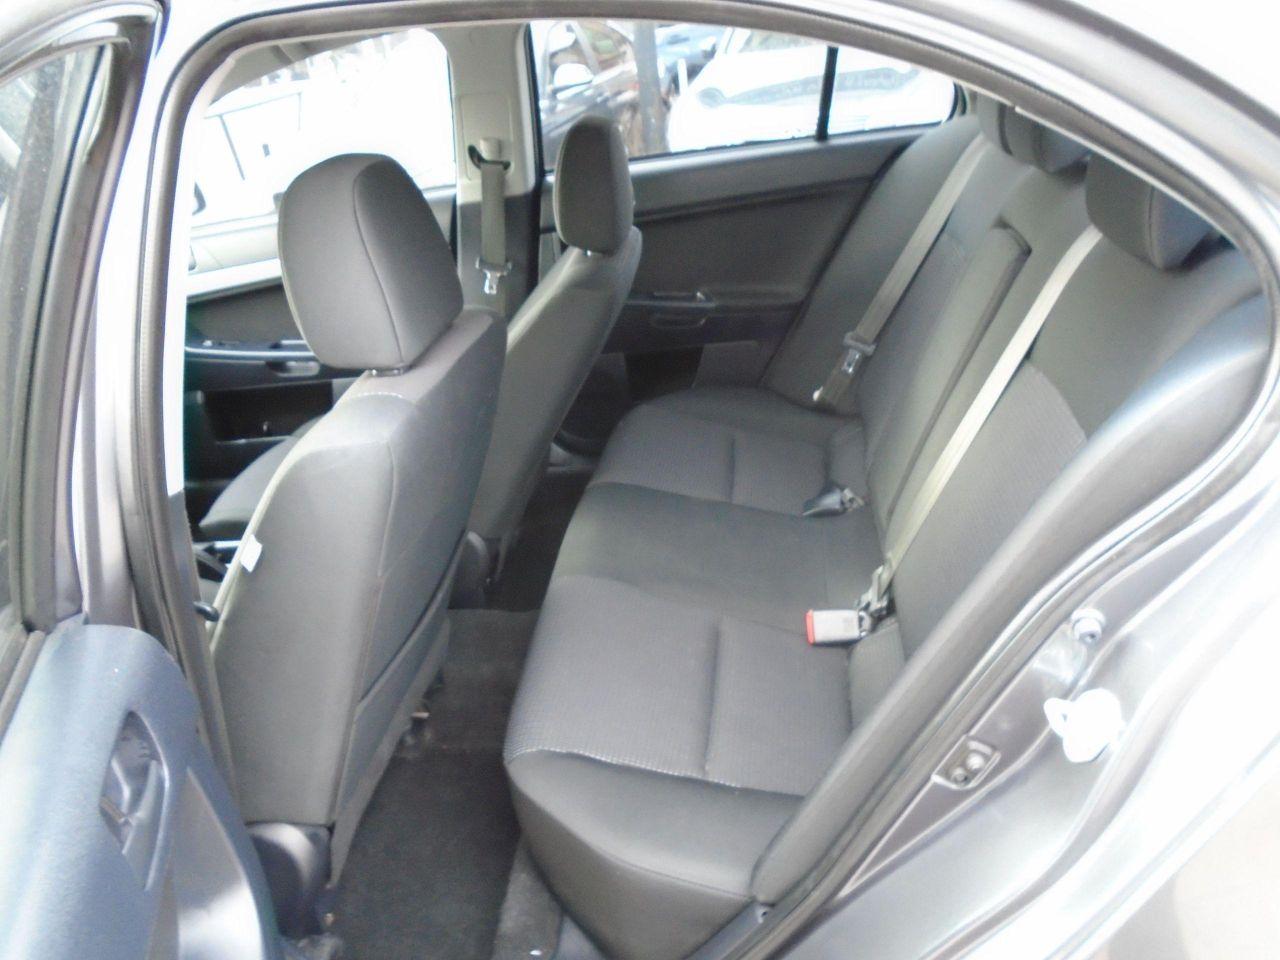 2010 Mitsubishi Lancer